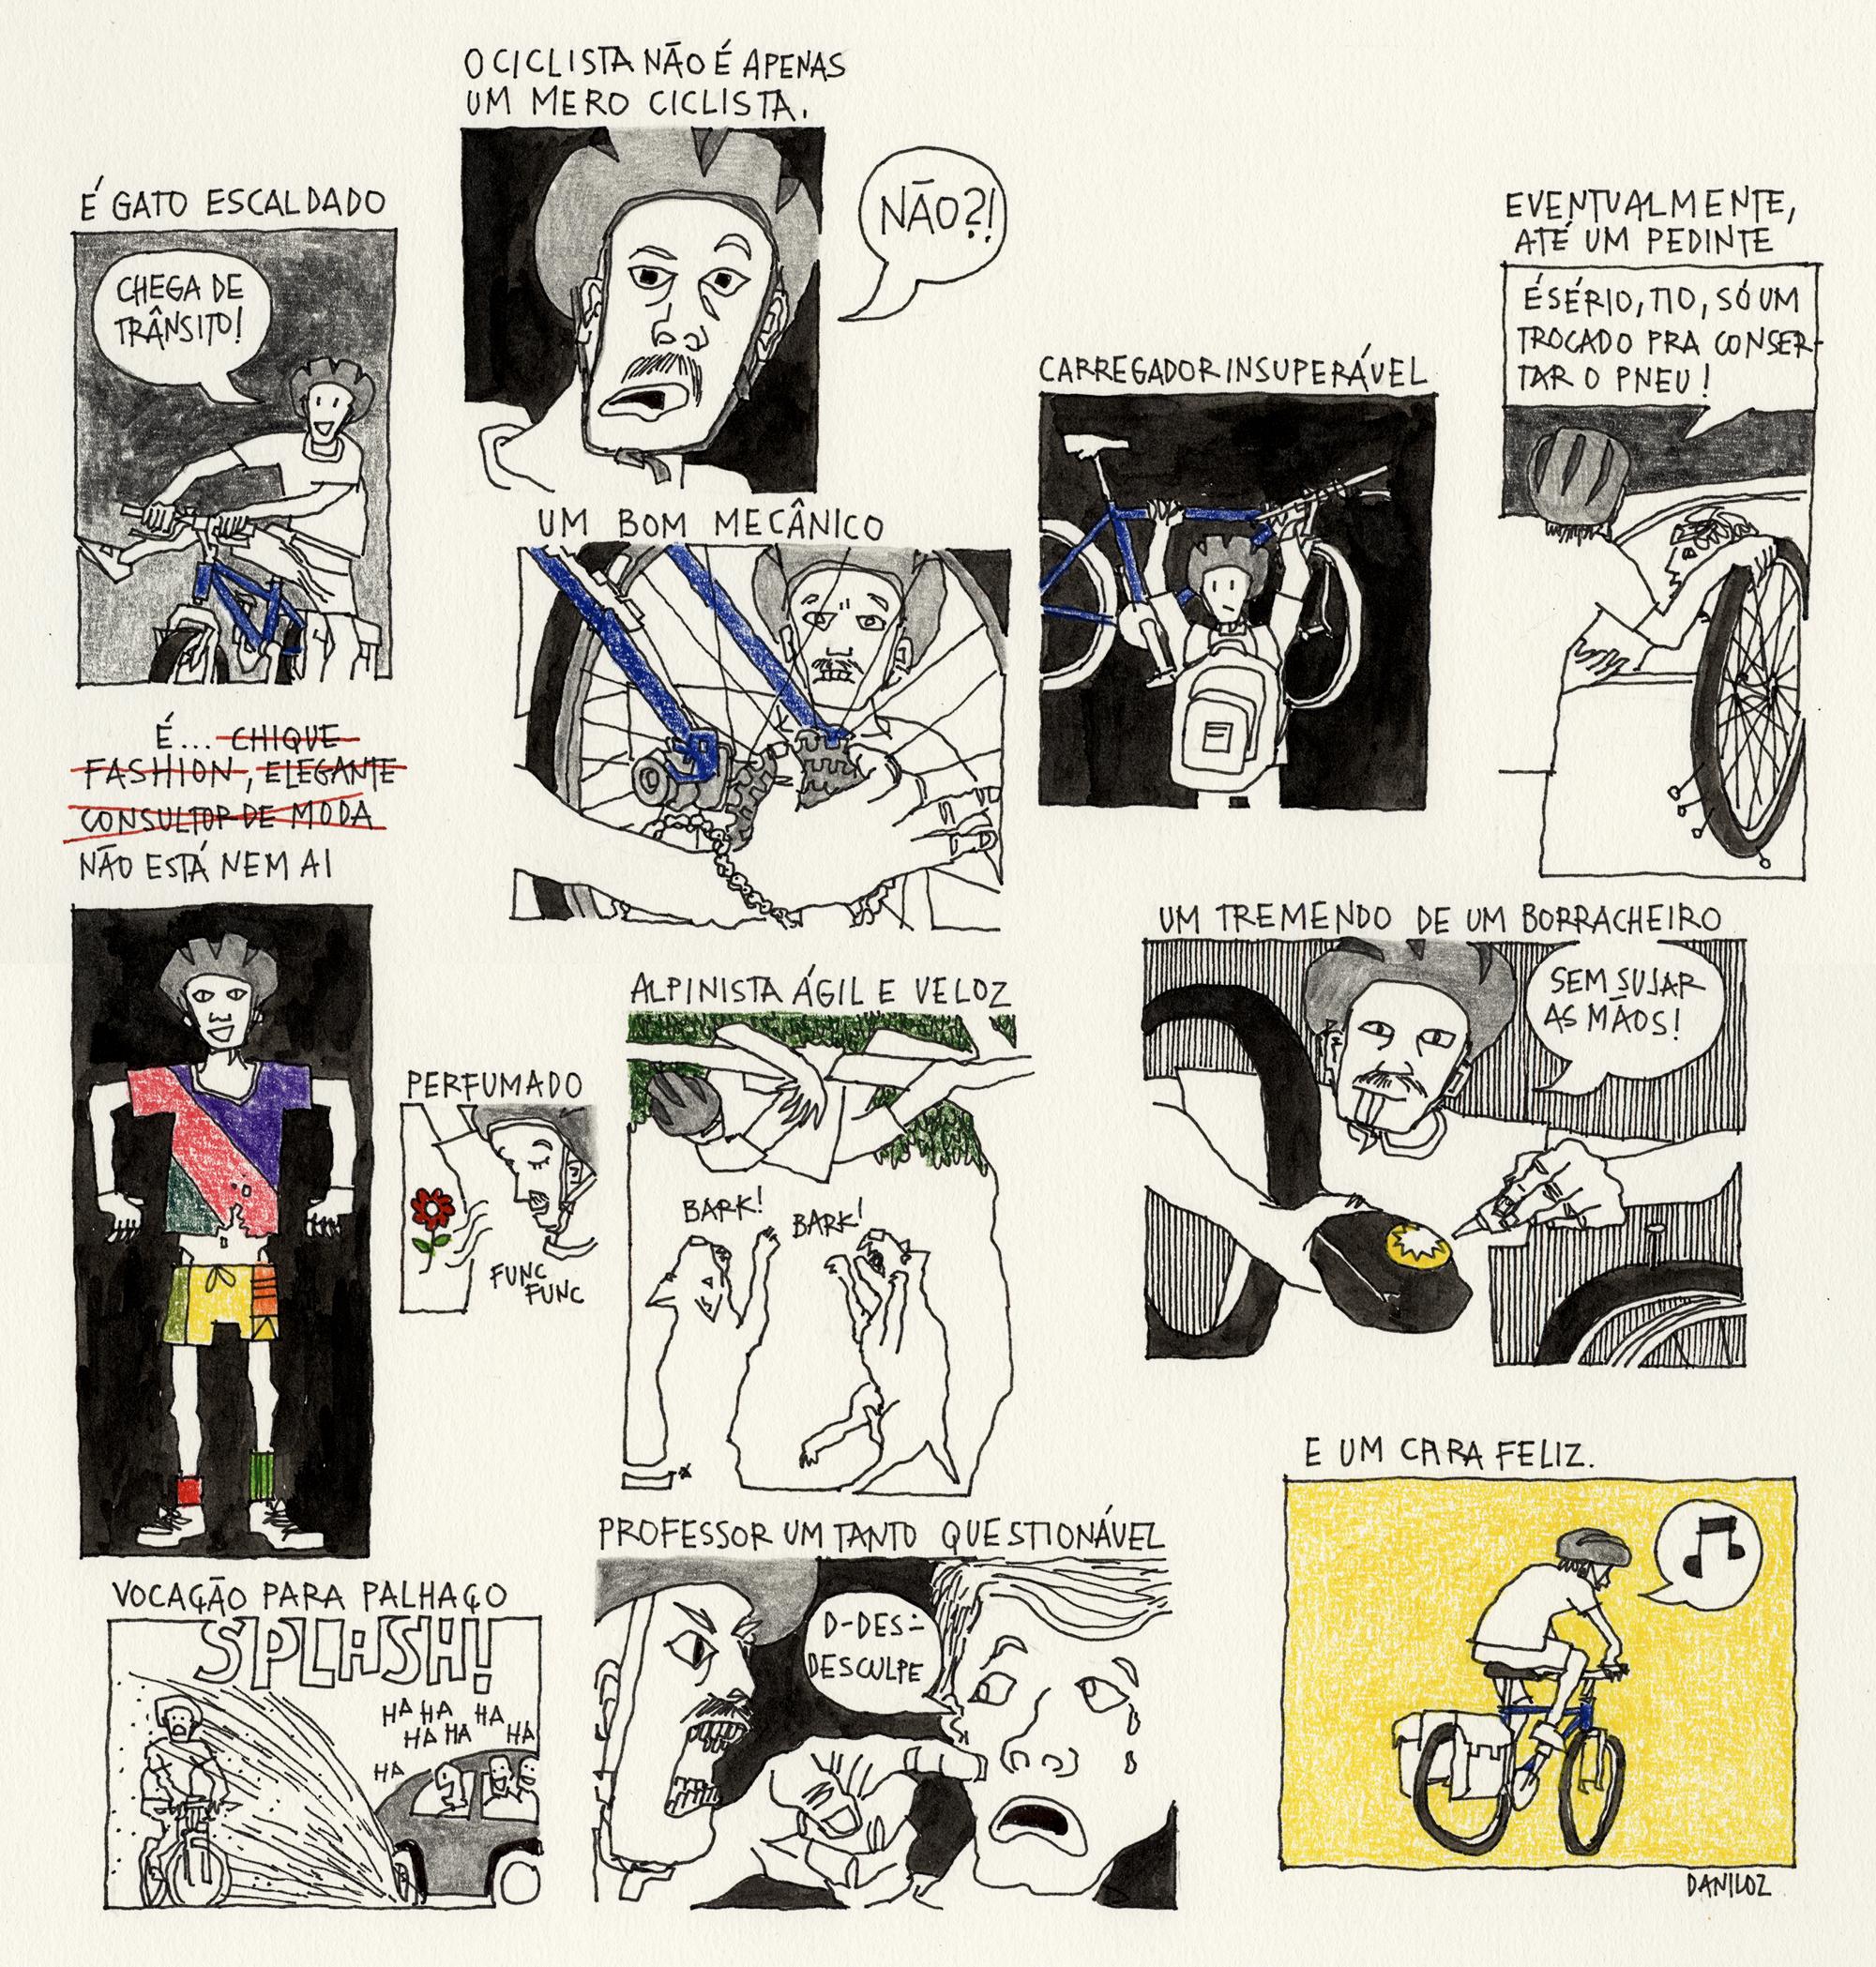 07-a-profissa%cc%83o-do-ciclista-daniloz